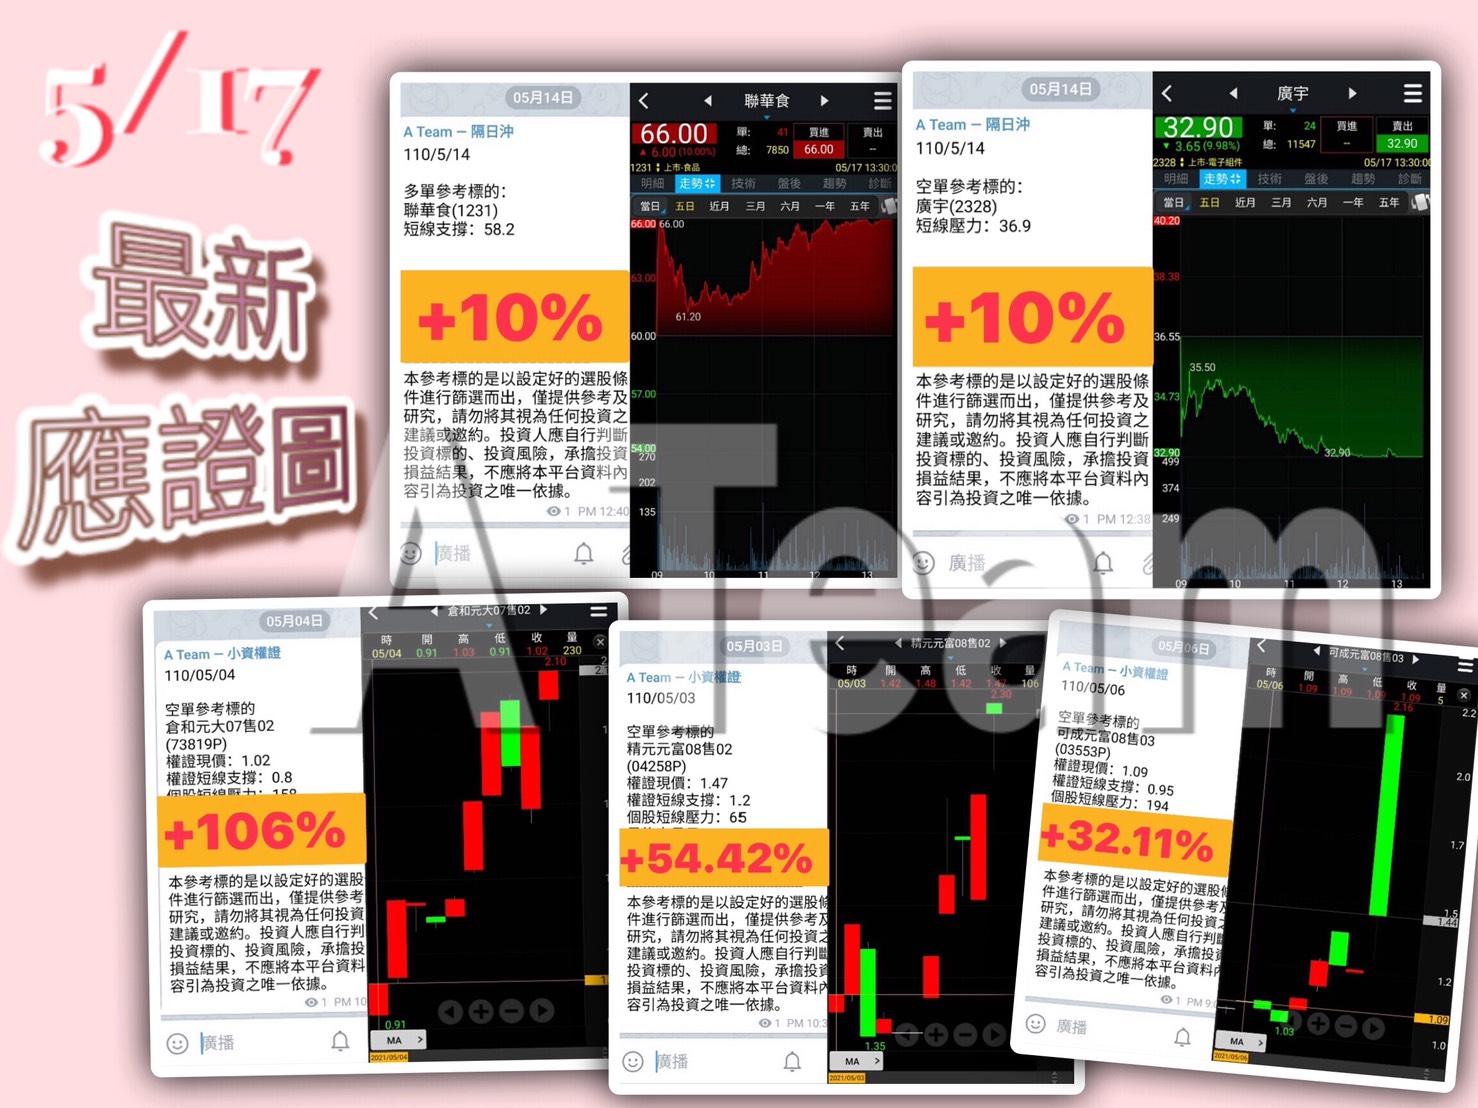 A Team金融操作記事 - 5/17最新應證圖